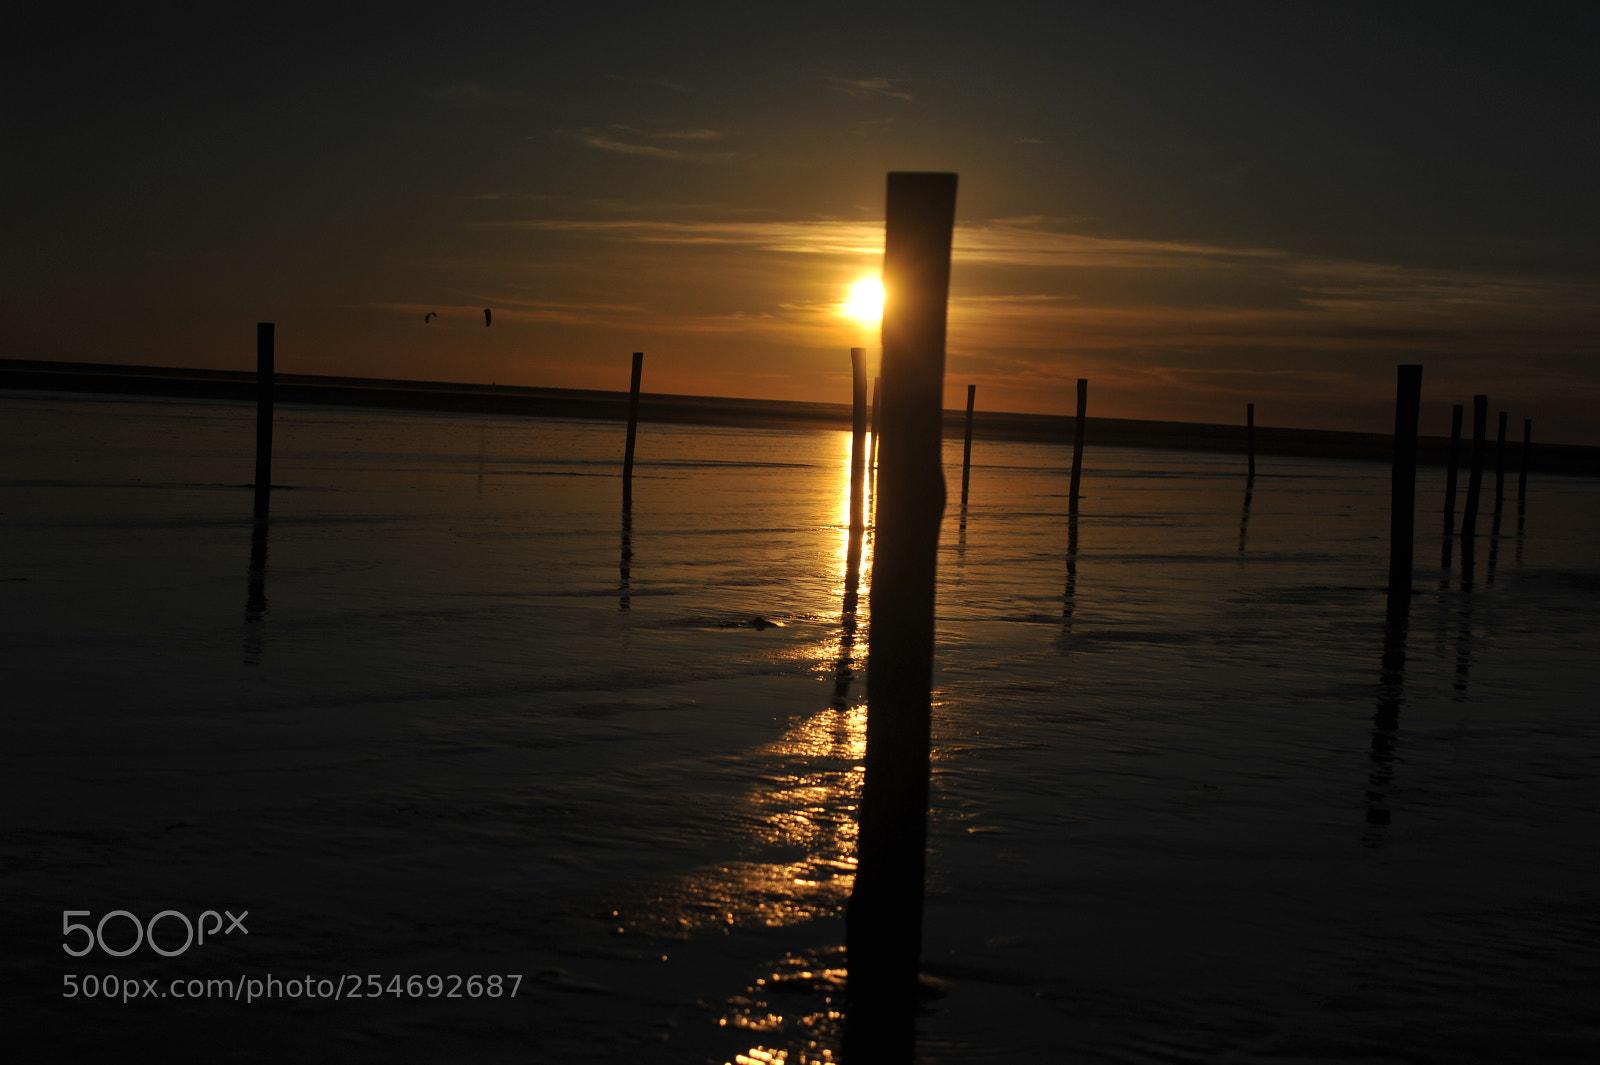 Ocultas el sol You, Nikon D700, AF Zoom-Nikkor 35-80mm f/4-5.6D N